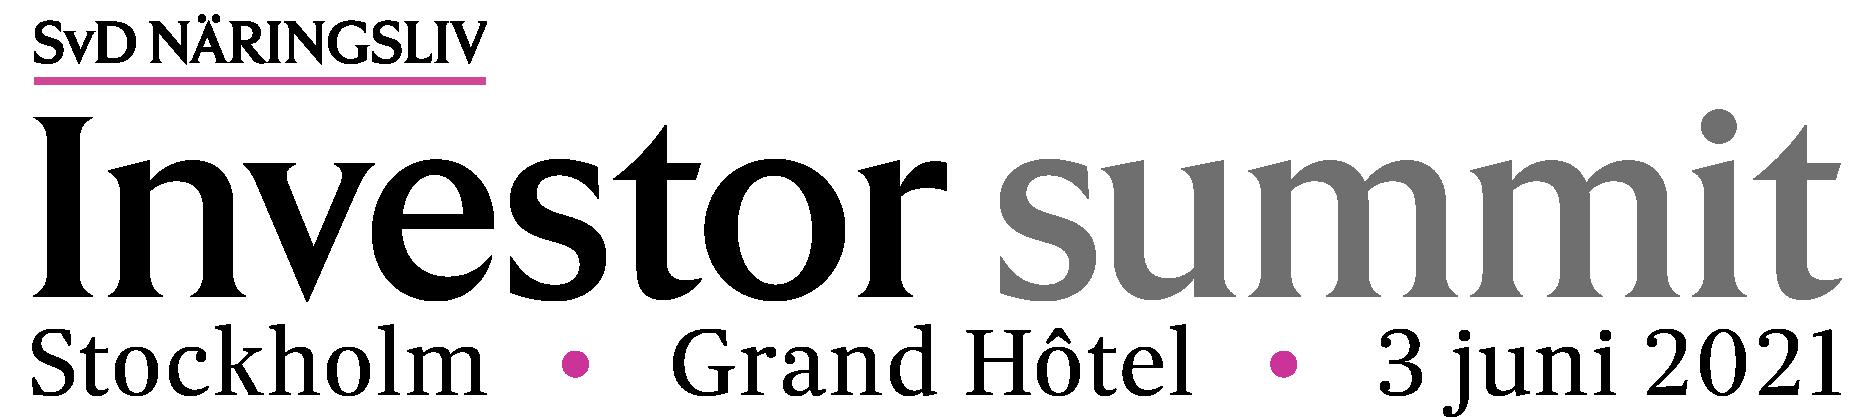 SVD Investor Summit